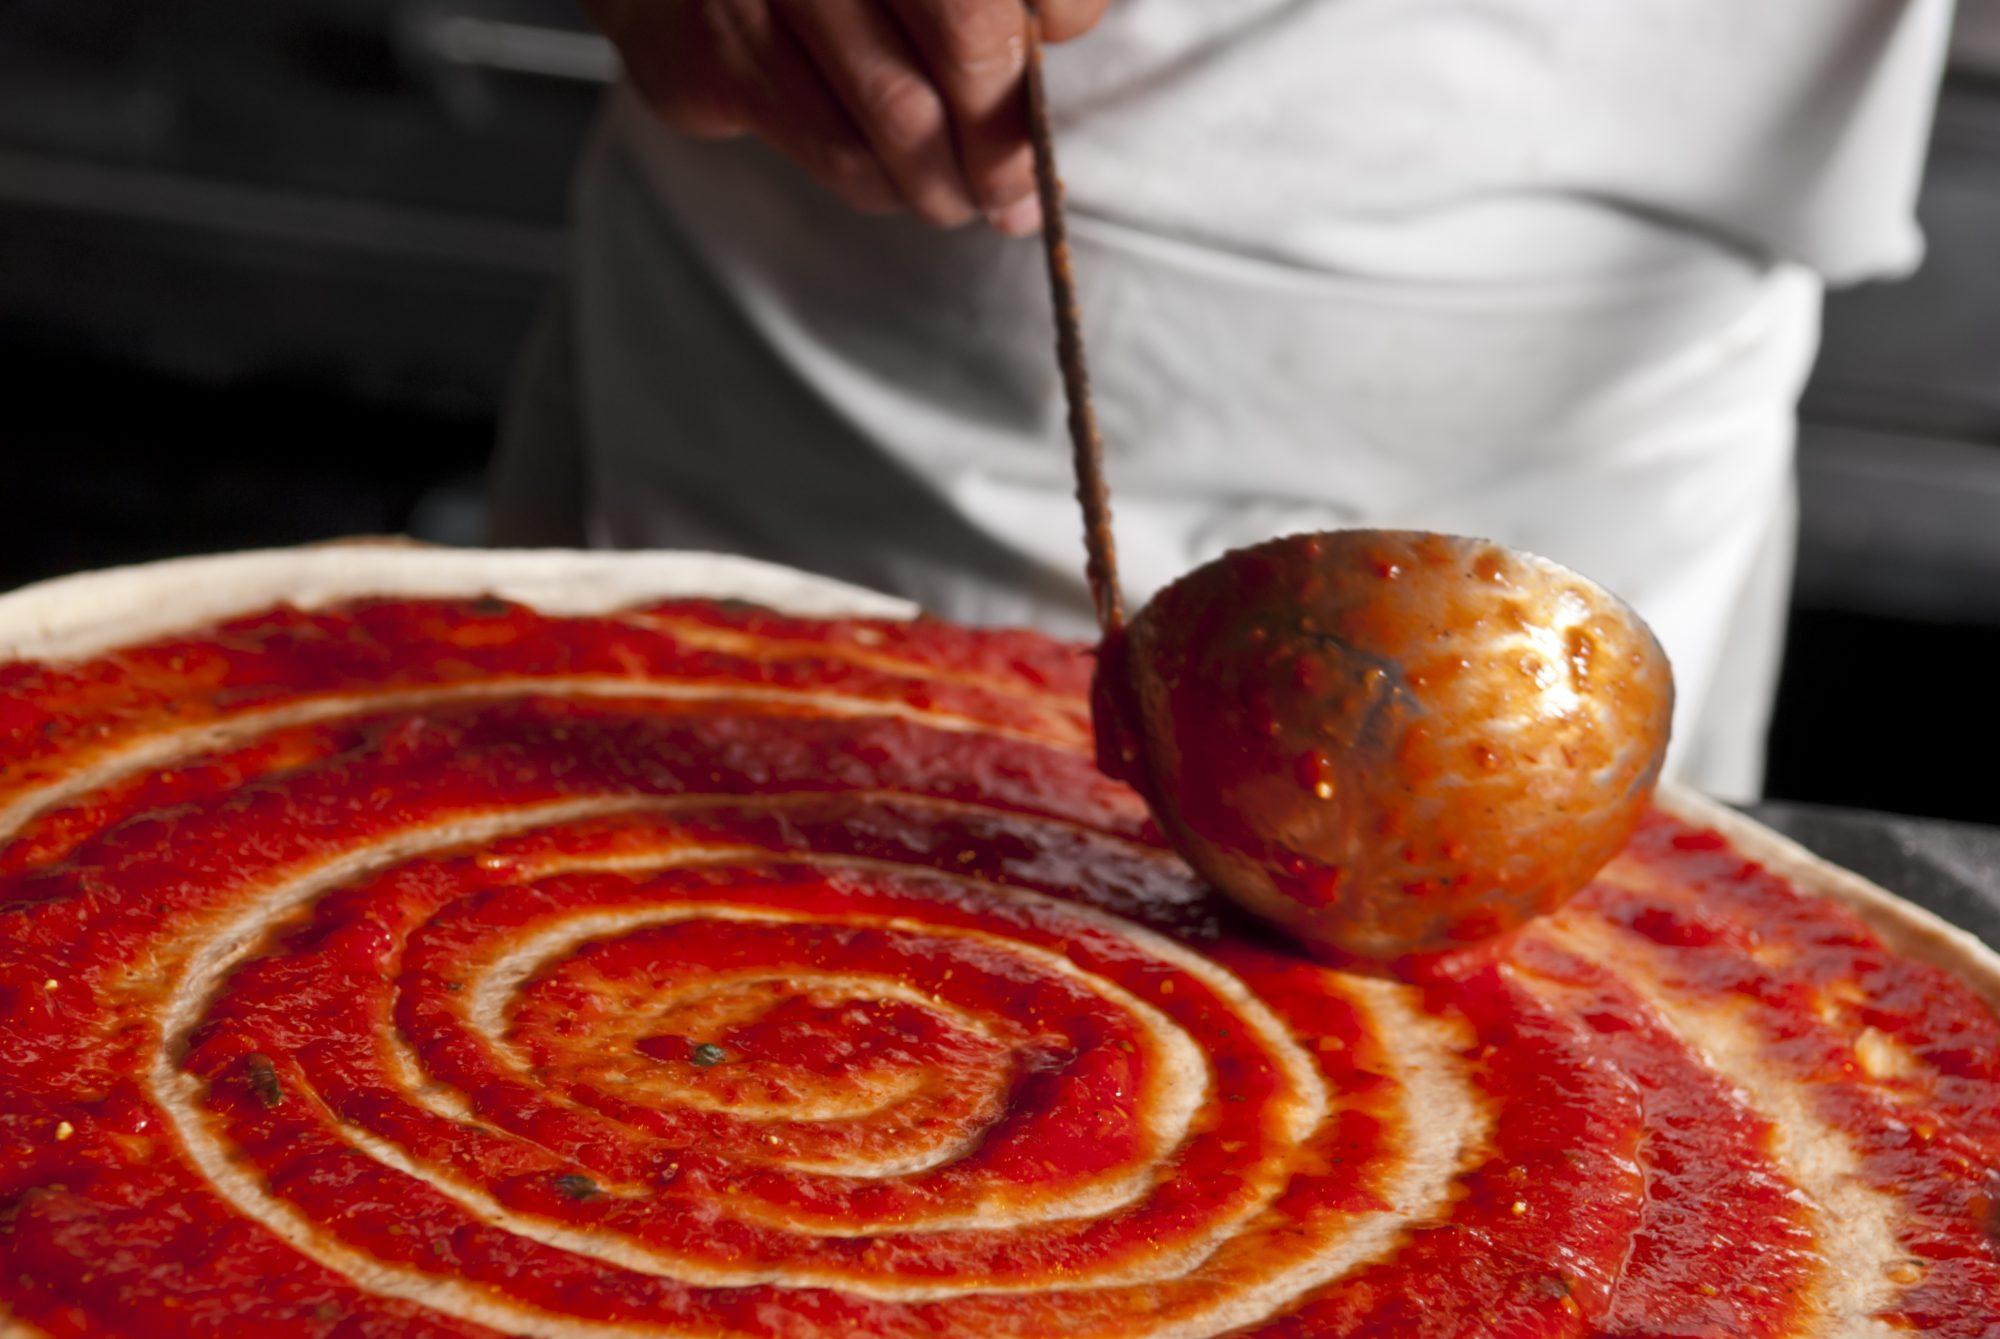 Tomato sauce Getty 3/6/20